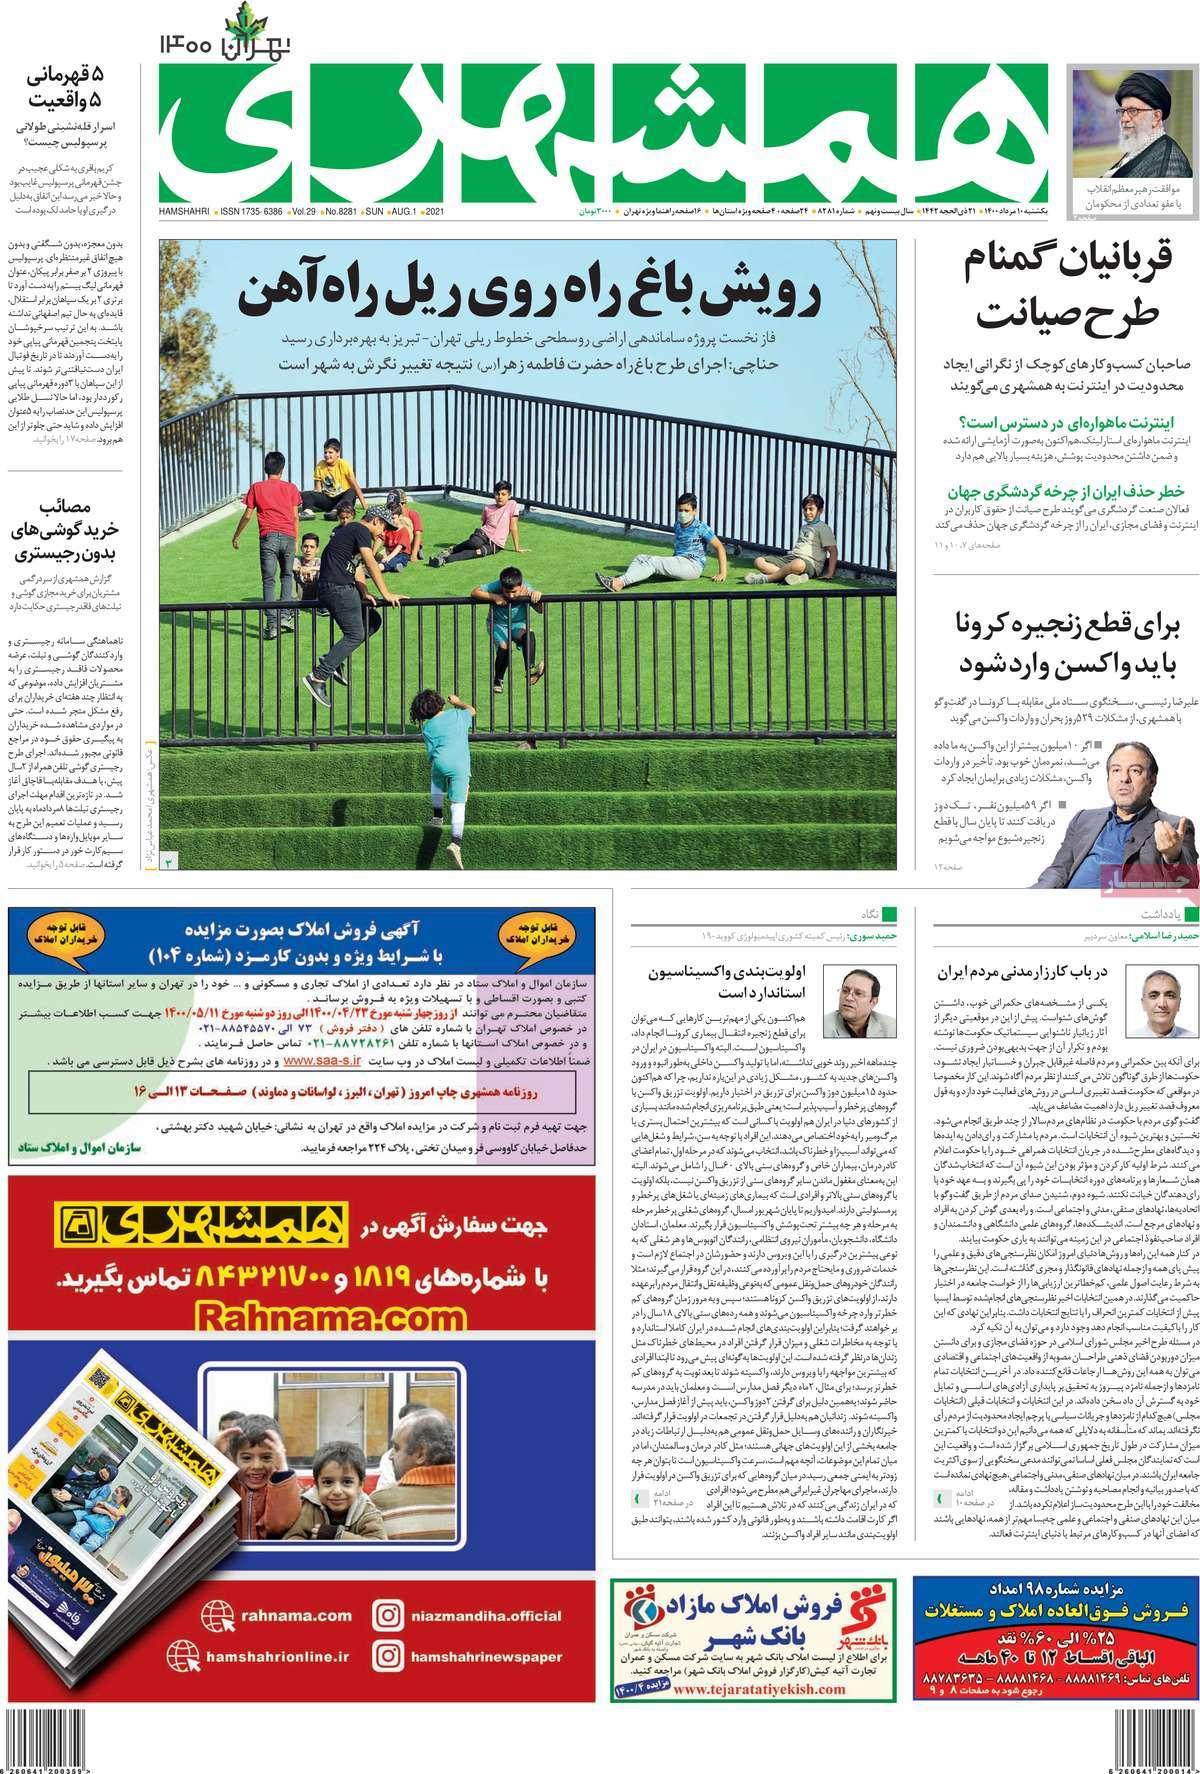 صفحه اول روزنامه  همشهری